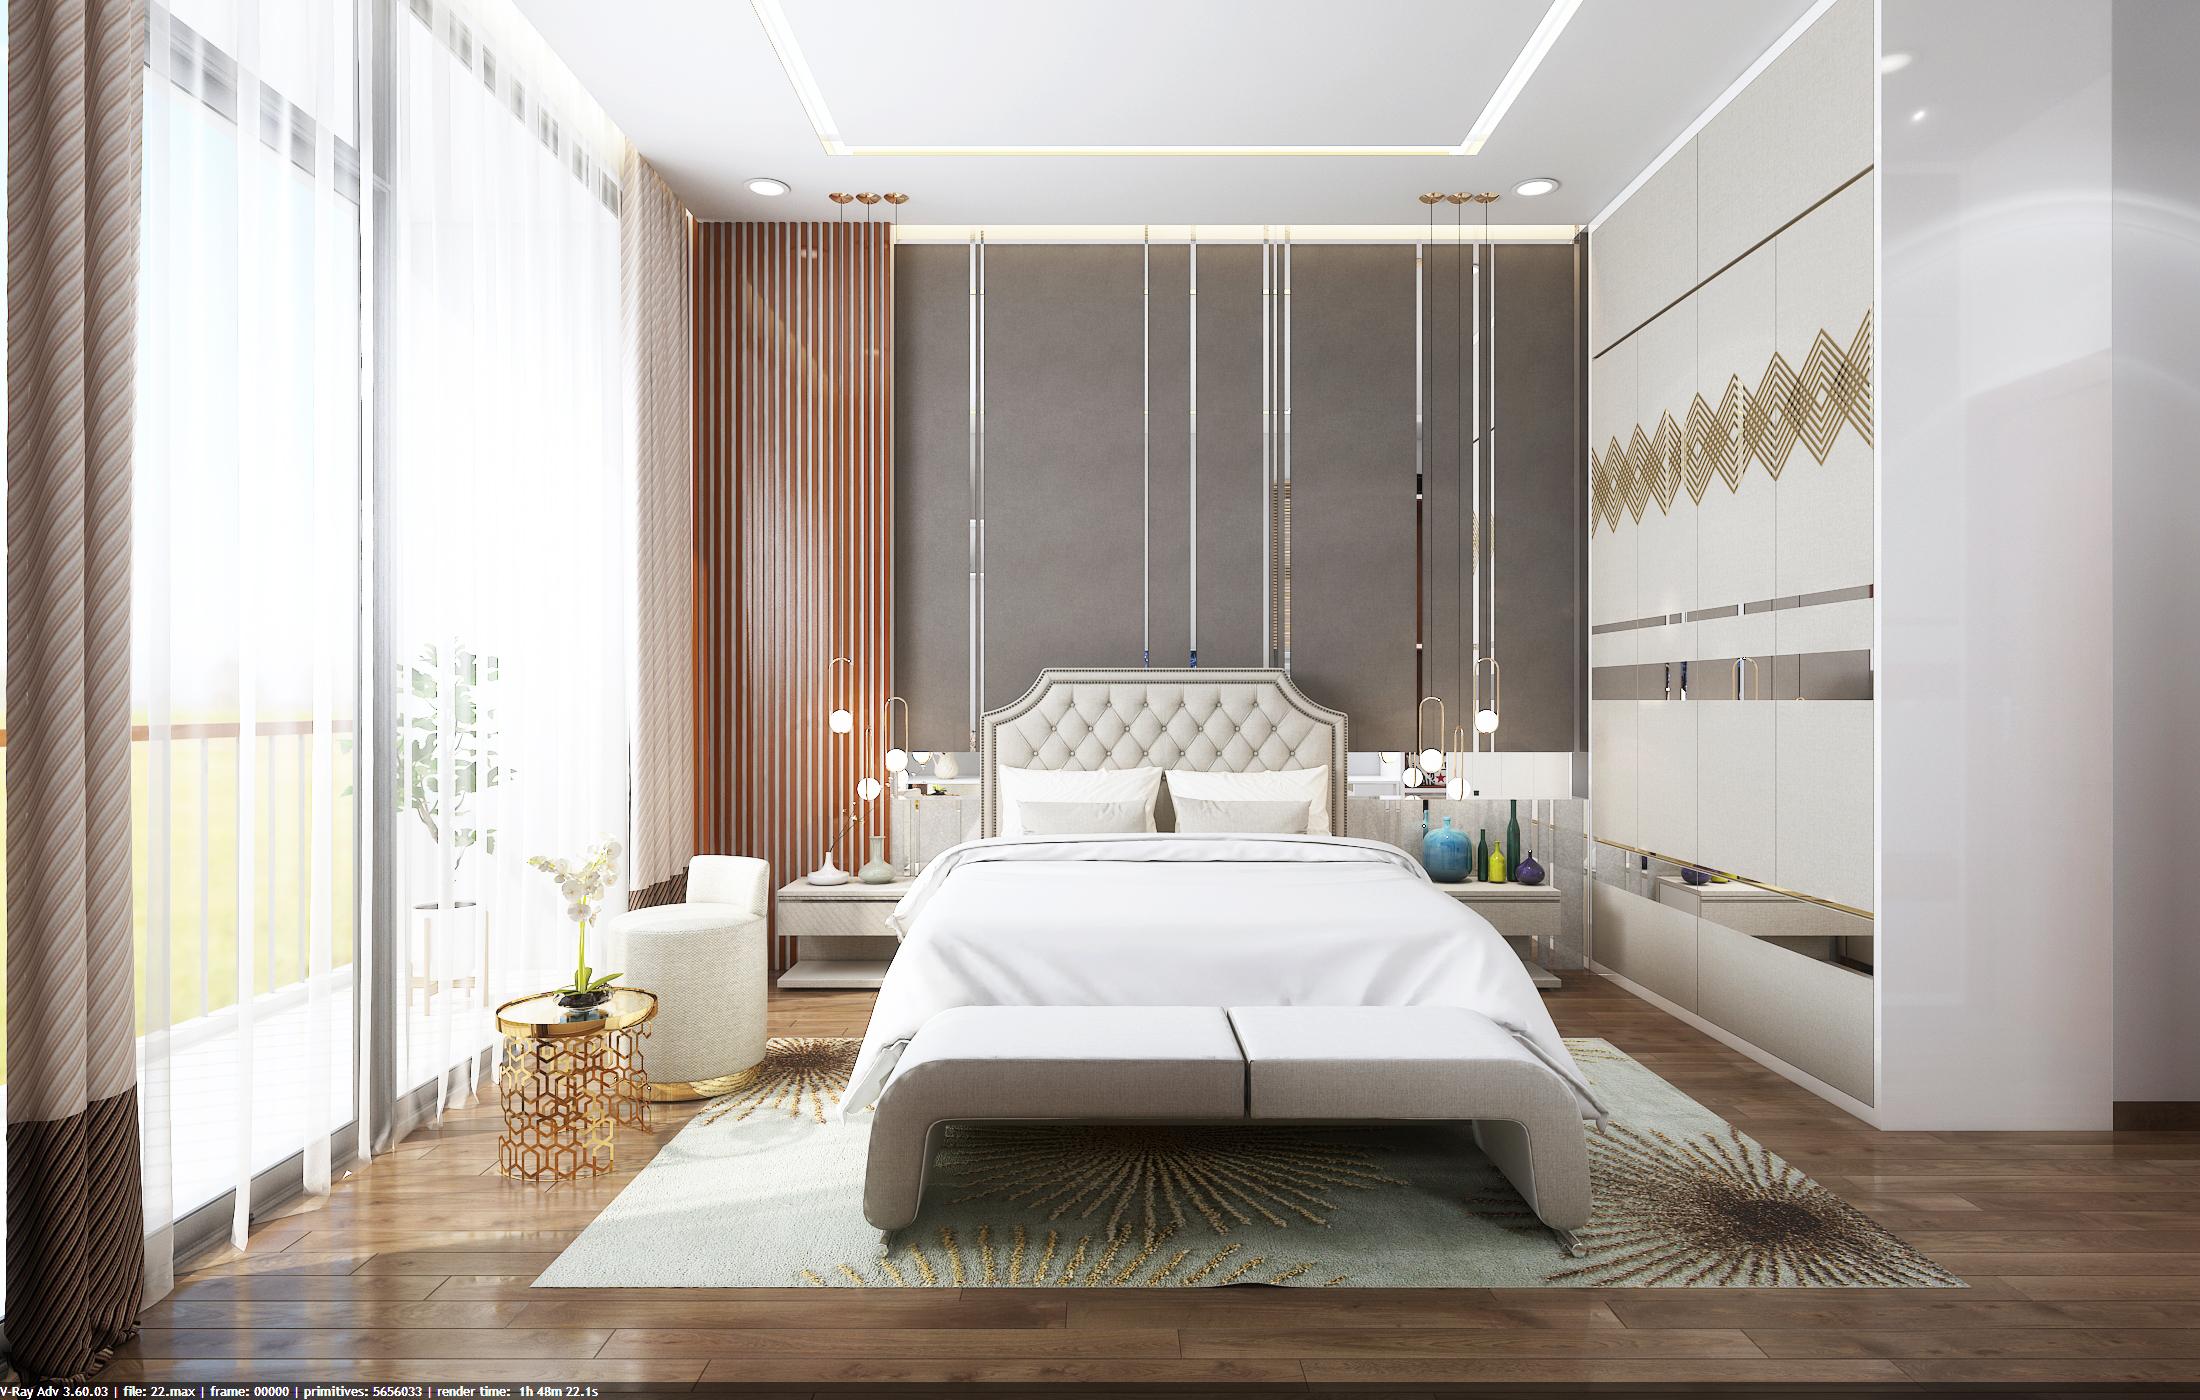 thiết kế nội thất Nhà Mặt Phố tại Đà Nẵng Loc House Interior 11 1548312558